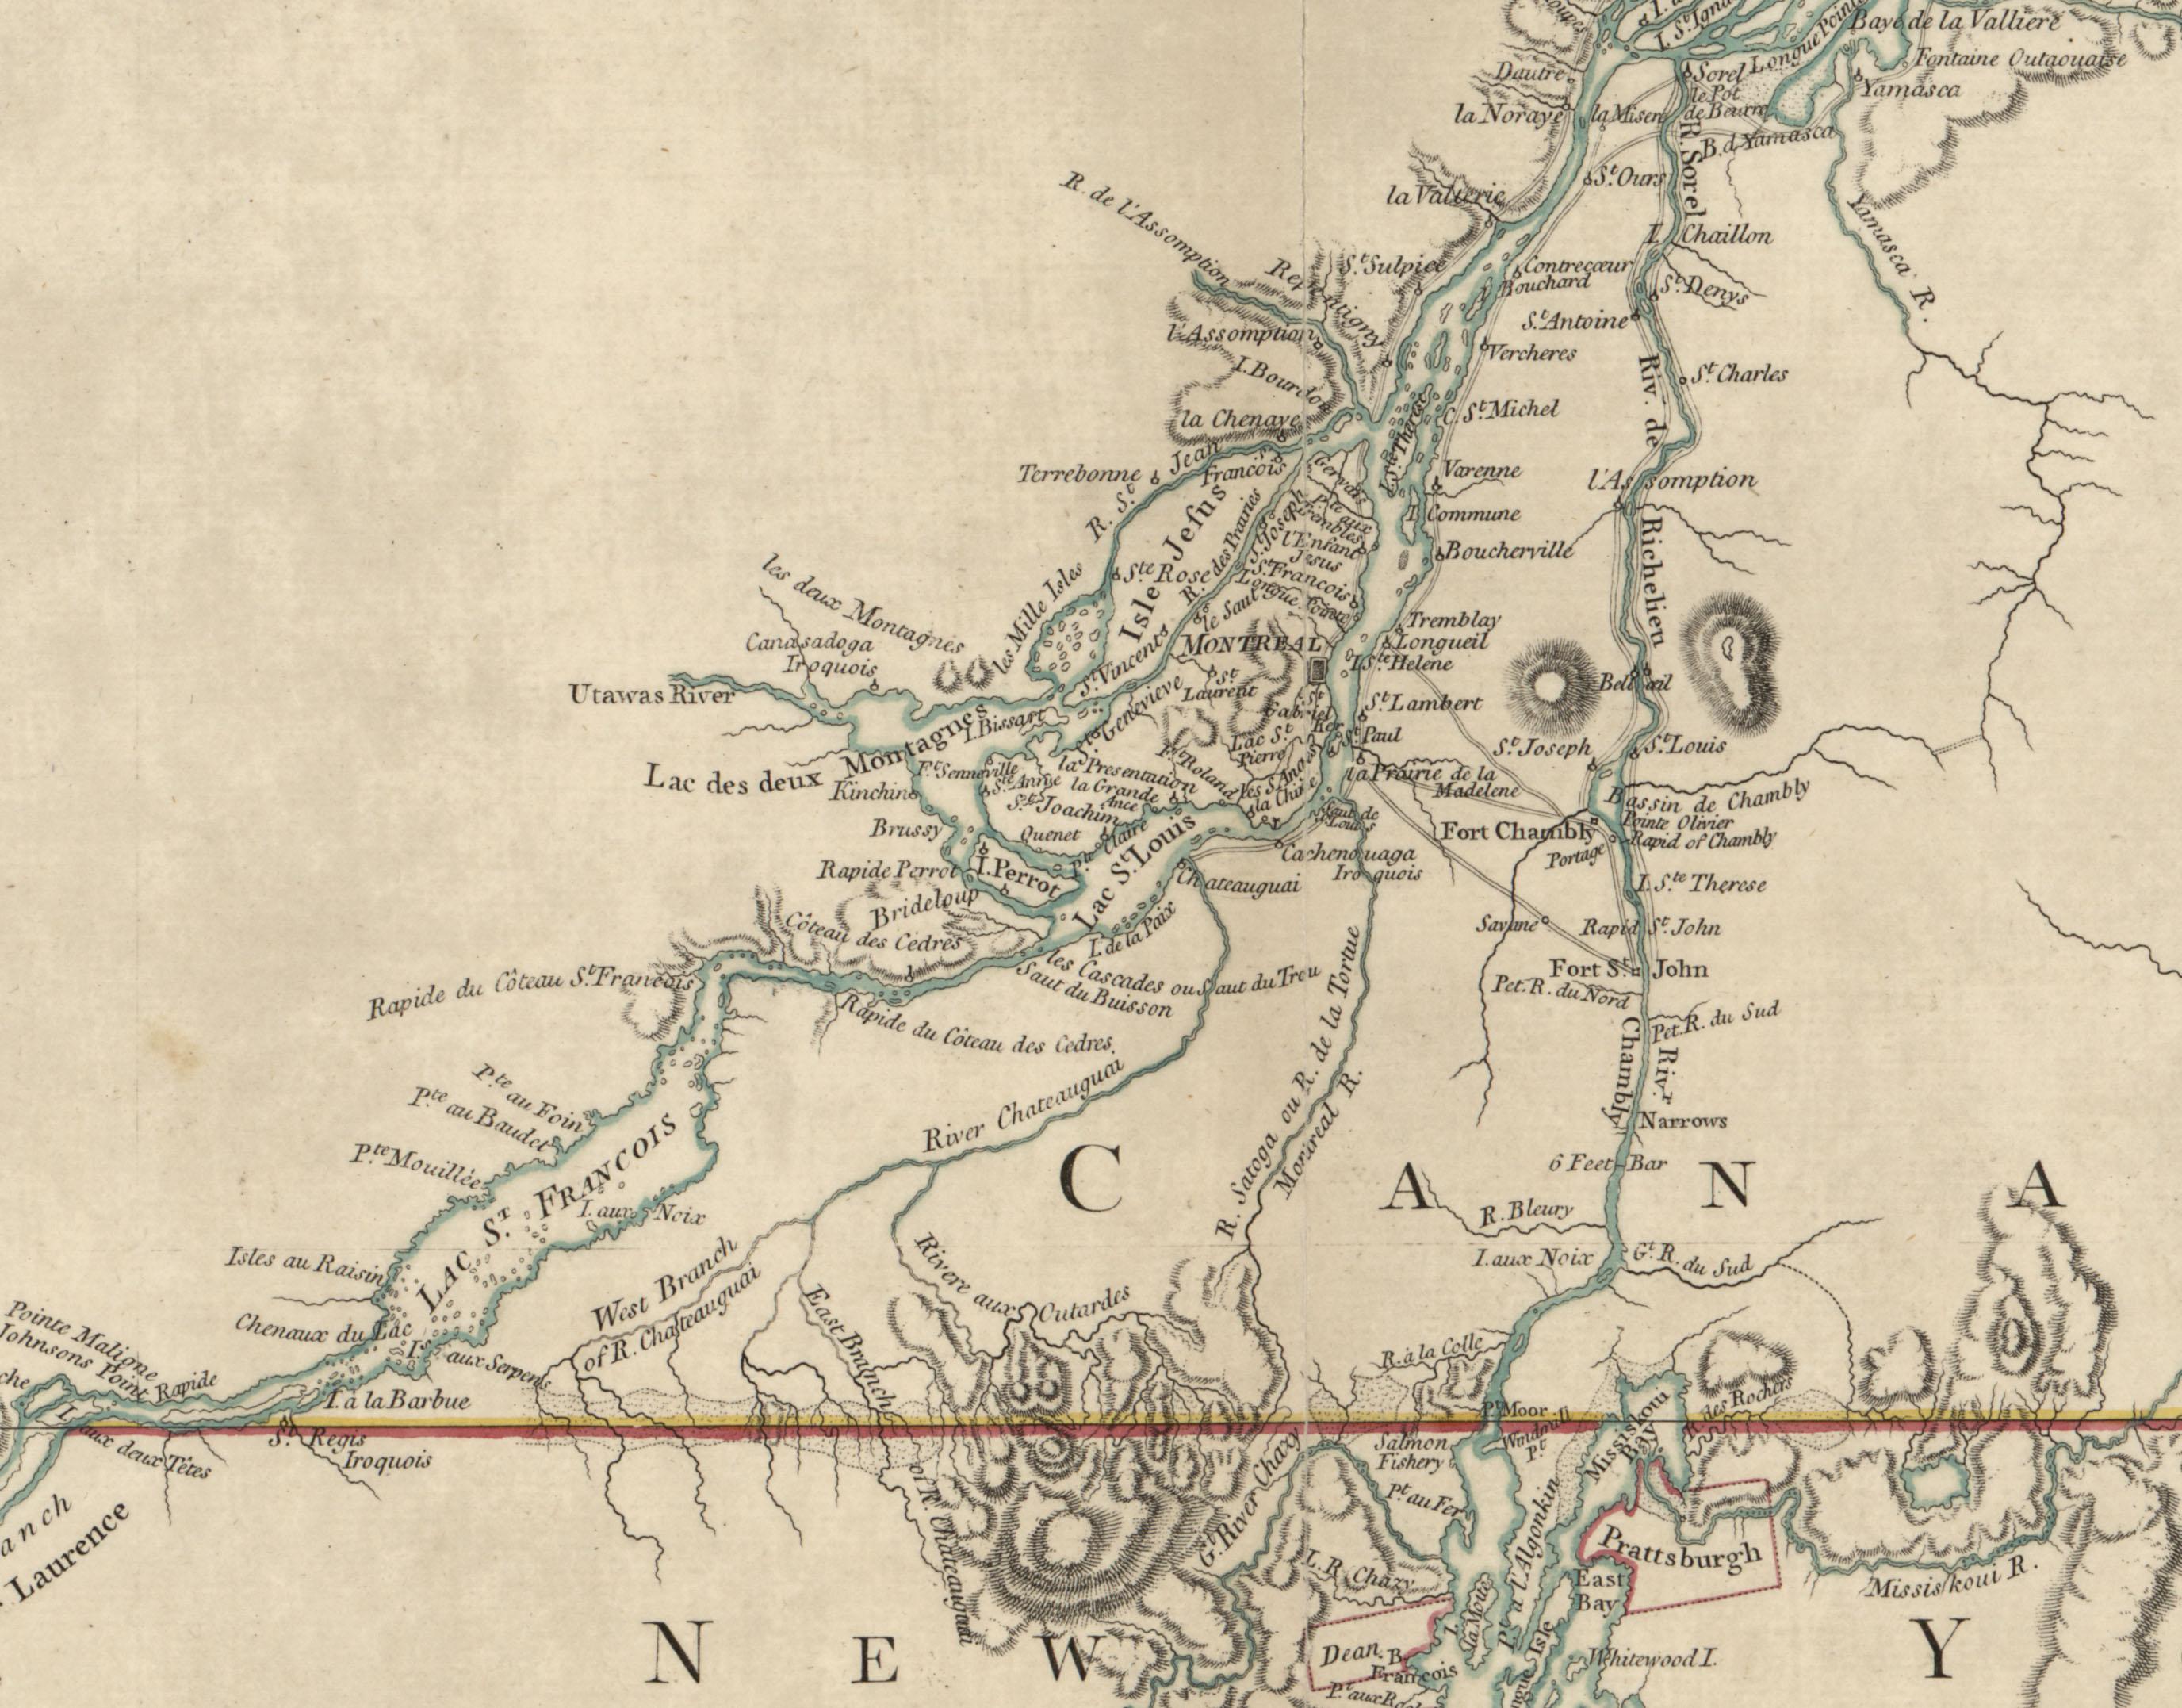 Détail d'une carte de la vallée du Saint-Laurent et des frontières avec New York et la Nouvelle-Angleterre